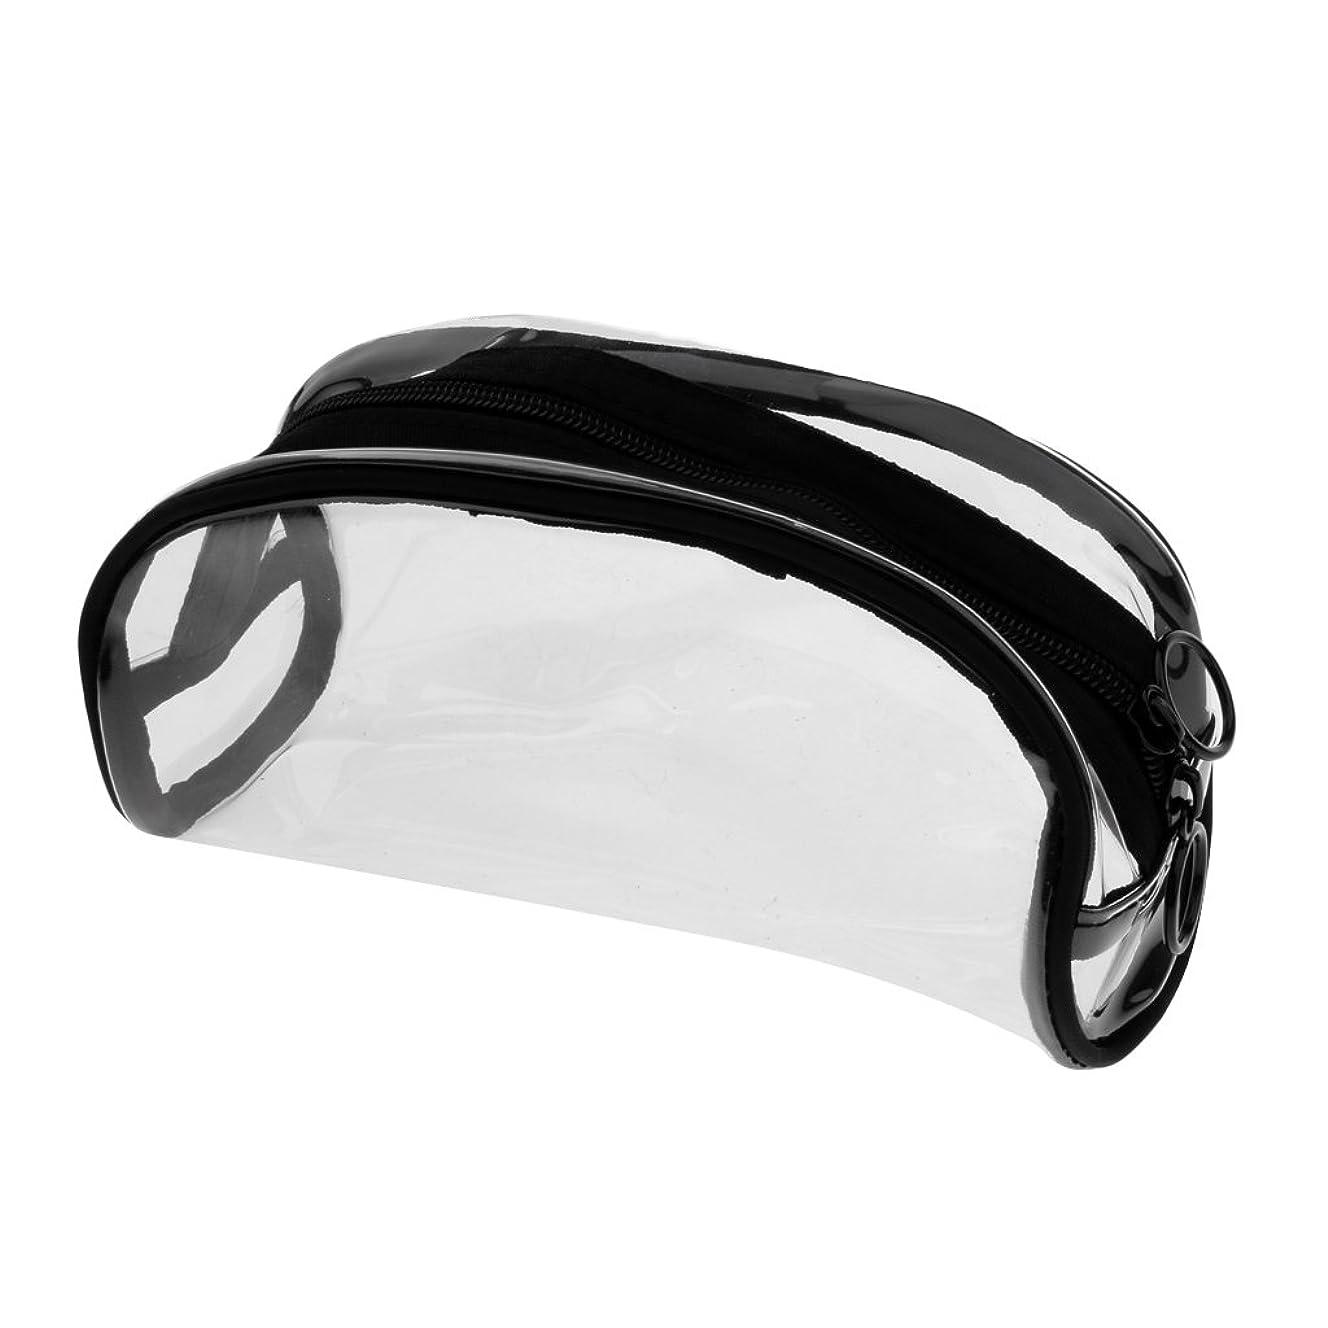 ハンカチ飢え不健康CUTICATE メイクバッグ 化粧ポーチ PVC クリア ジッパーバッグ メイクポーチ 透明 全4タイプ - #2